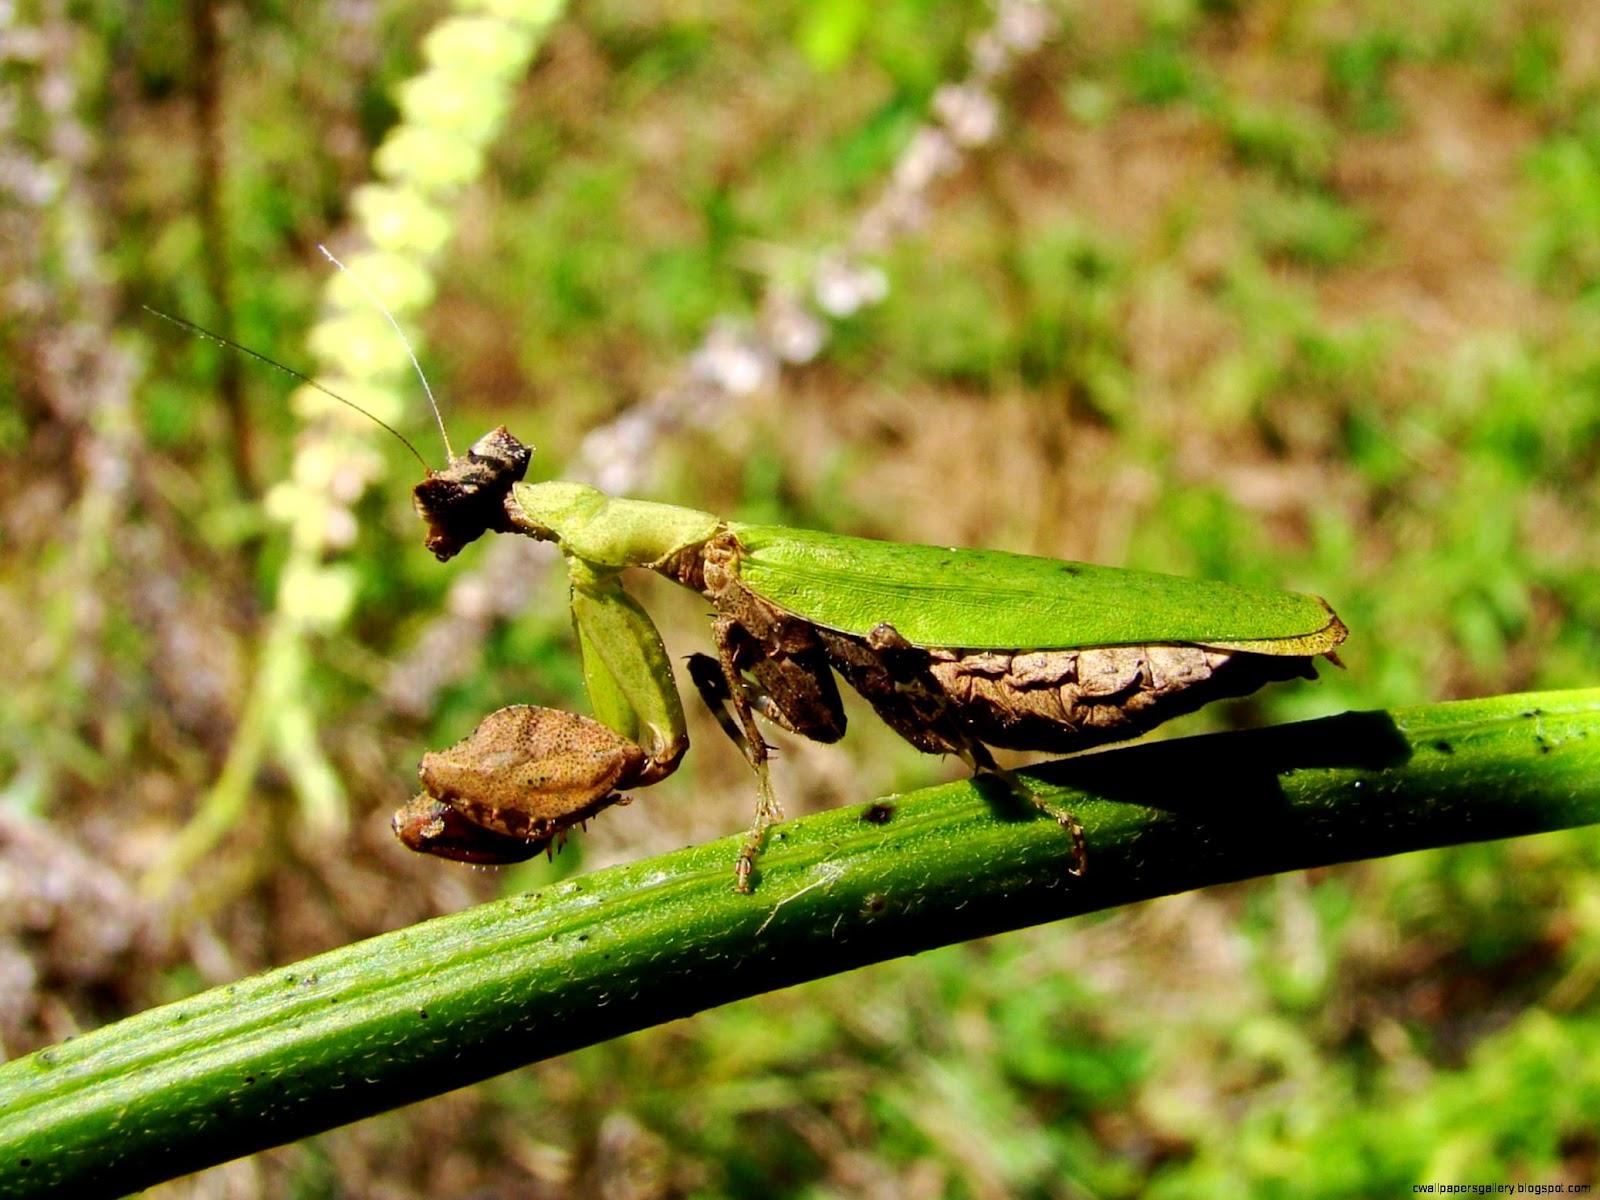 Brown and Green Praying Mantis